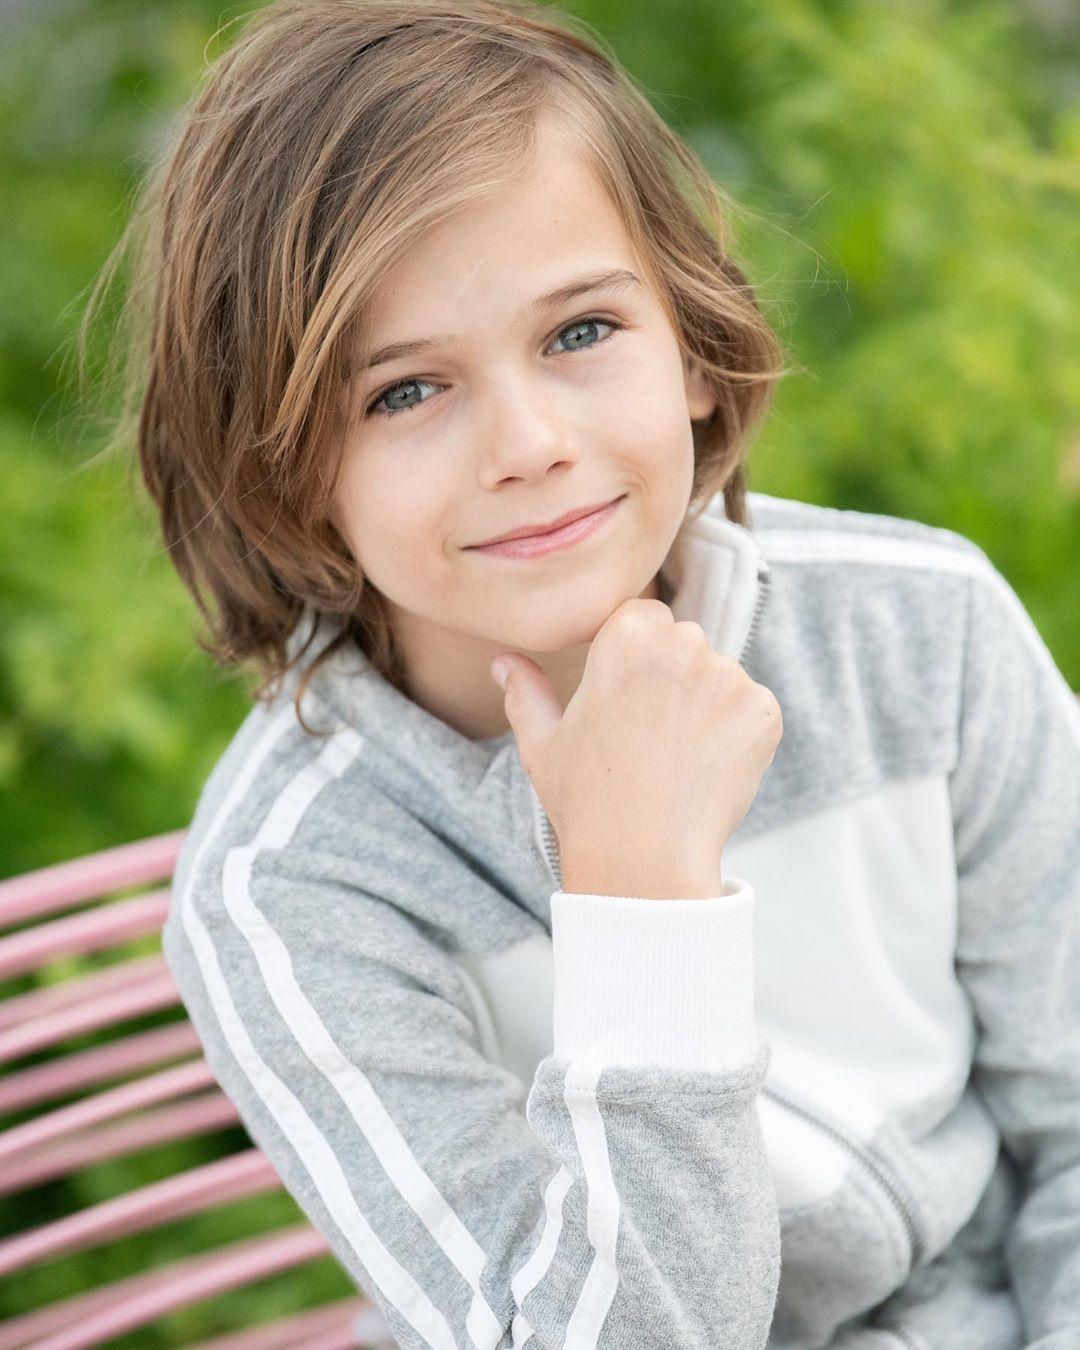 мальчик девушка модель 12 лет